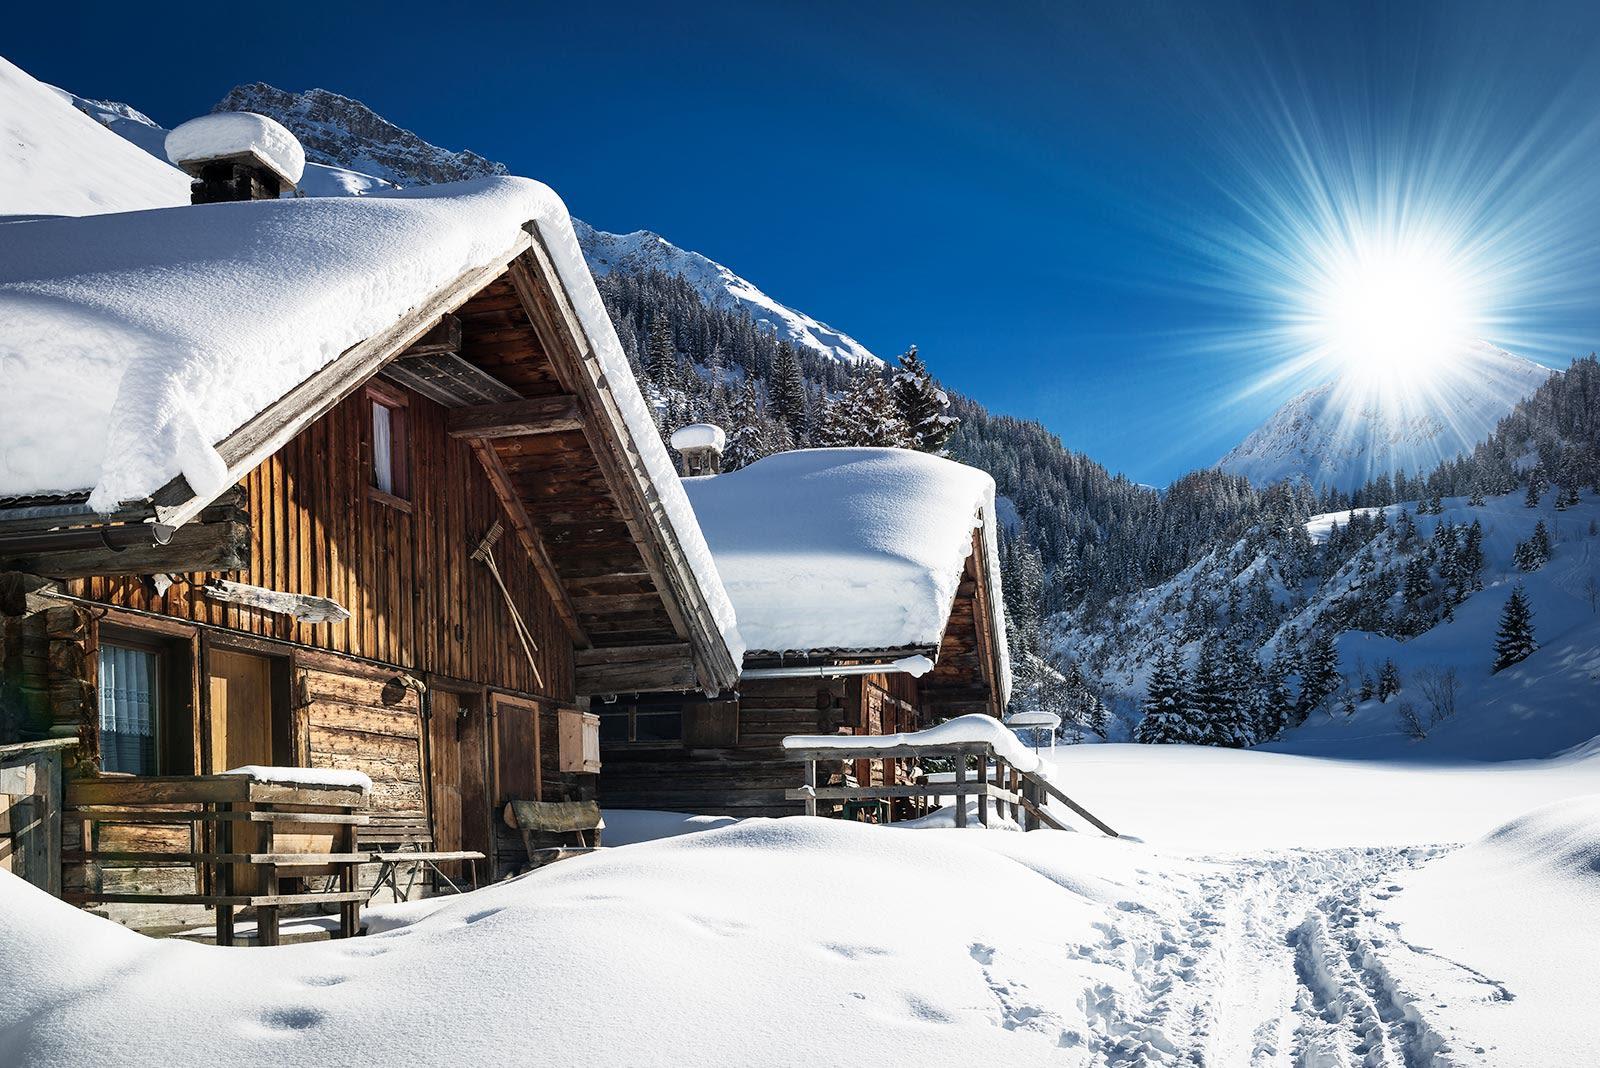 Skiurlaub 2019 Weihnachten.Skiurlaub 2019 2020 Skireisen Inkl Skipass Günstig Bei Weg De Buchen